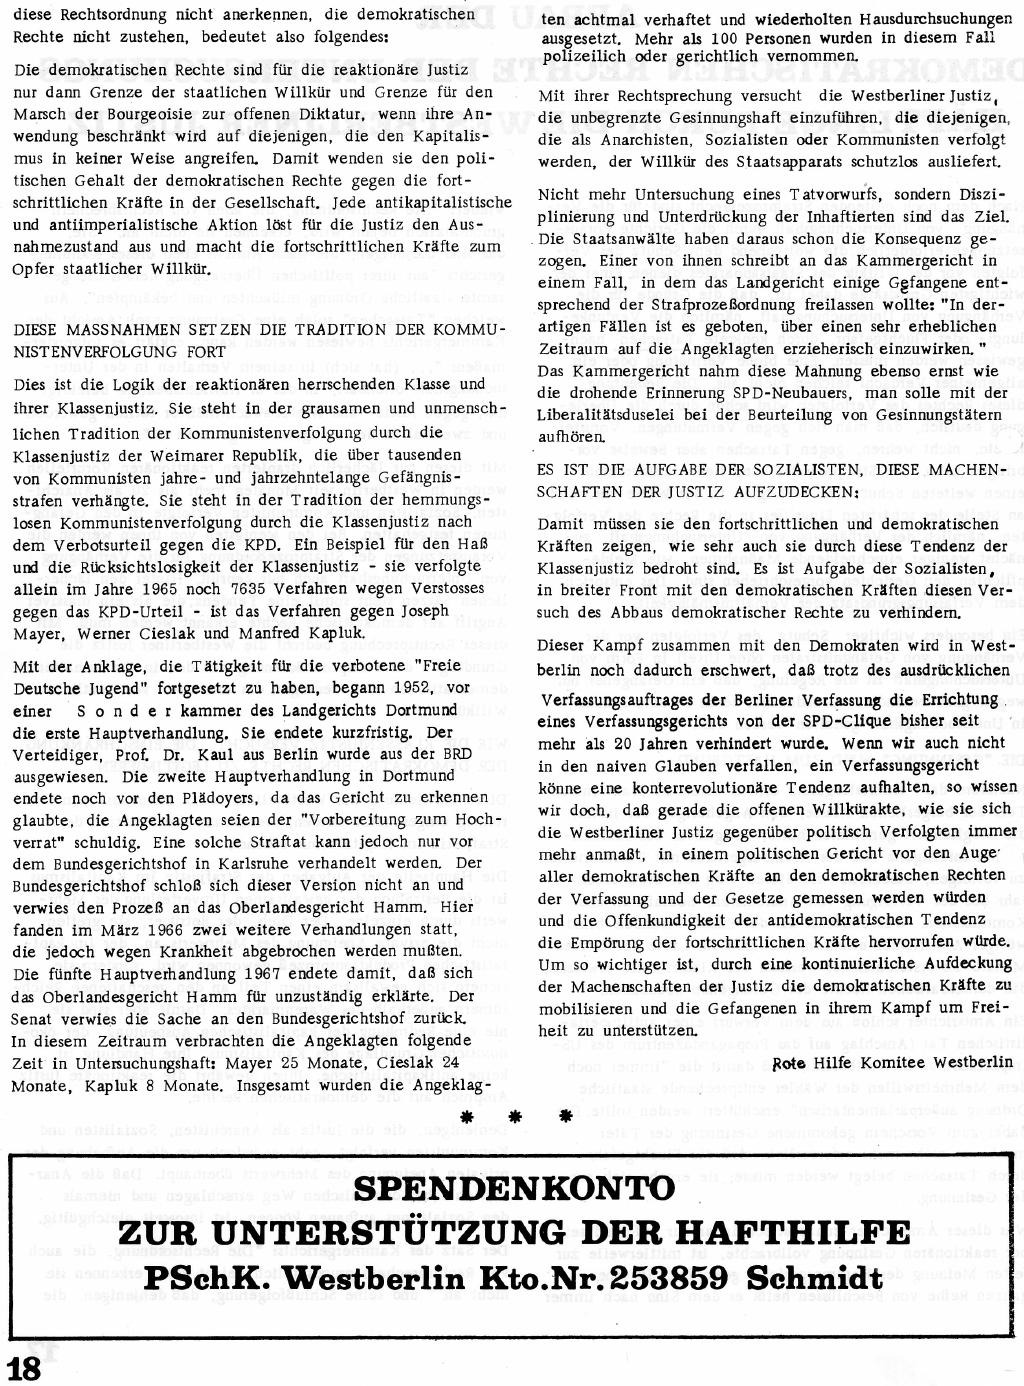 RPK_1971_109_110_18